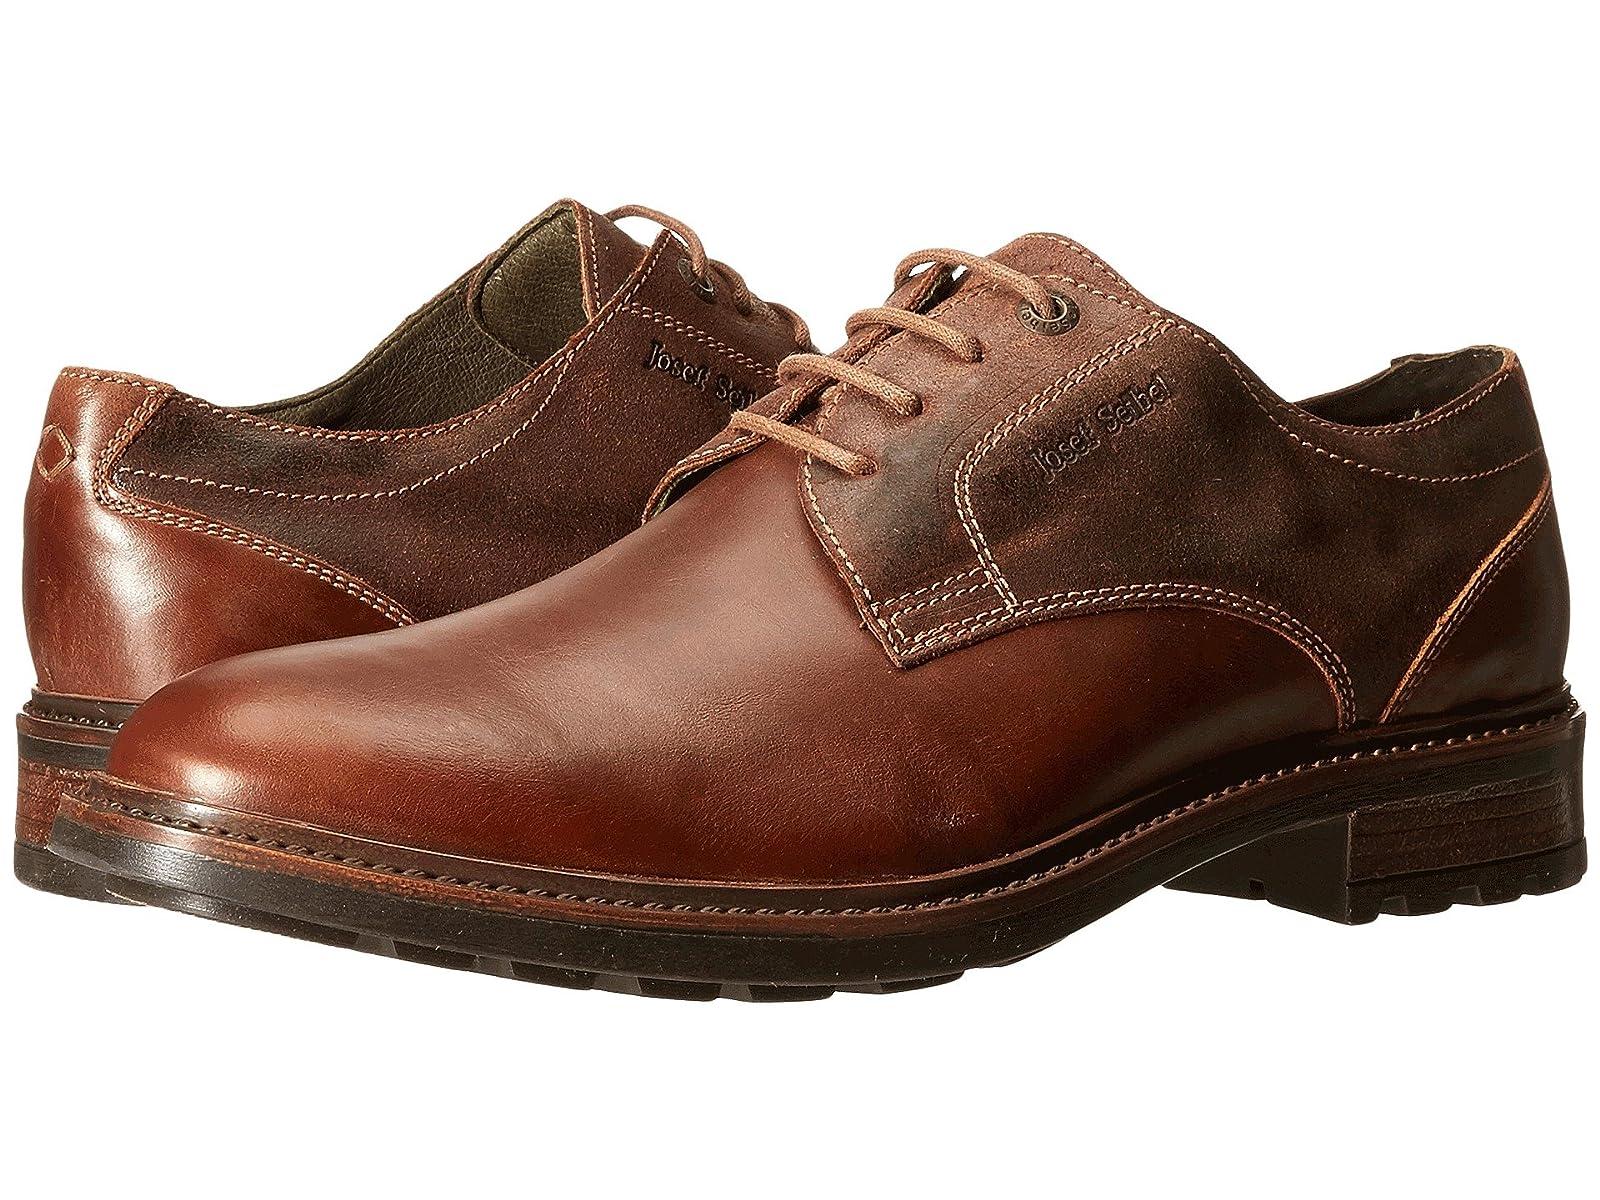 Josef Seibel Oscar 05Atmospheric grades have affordable shoes